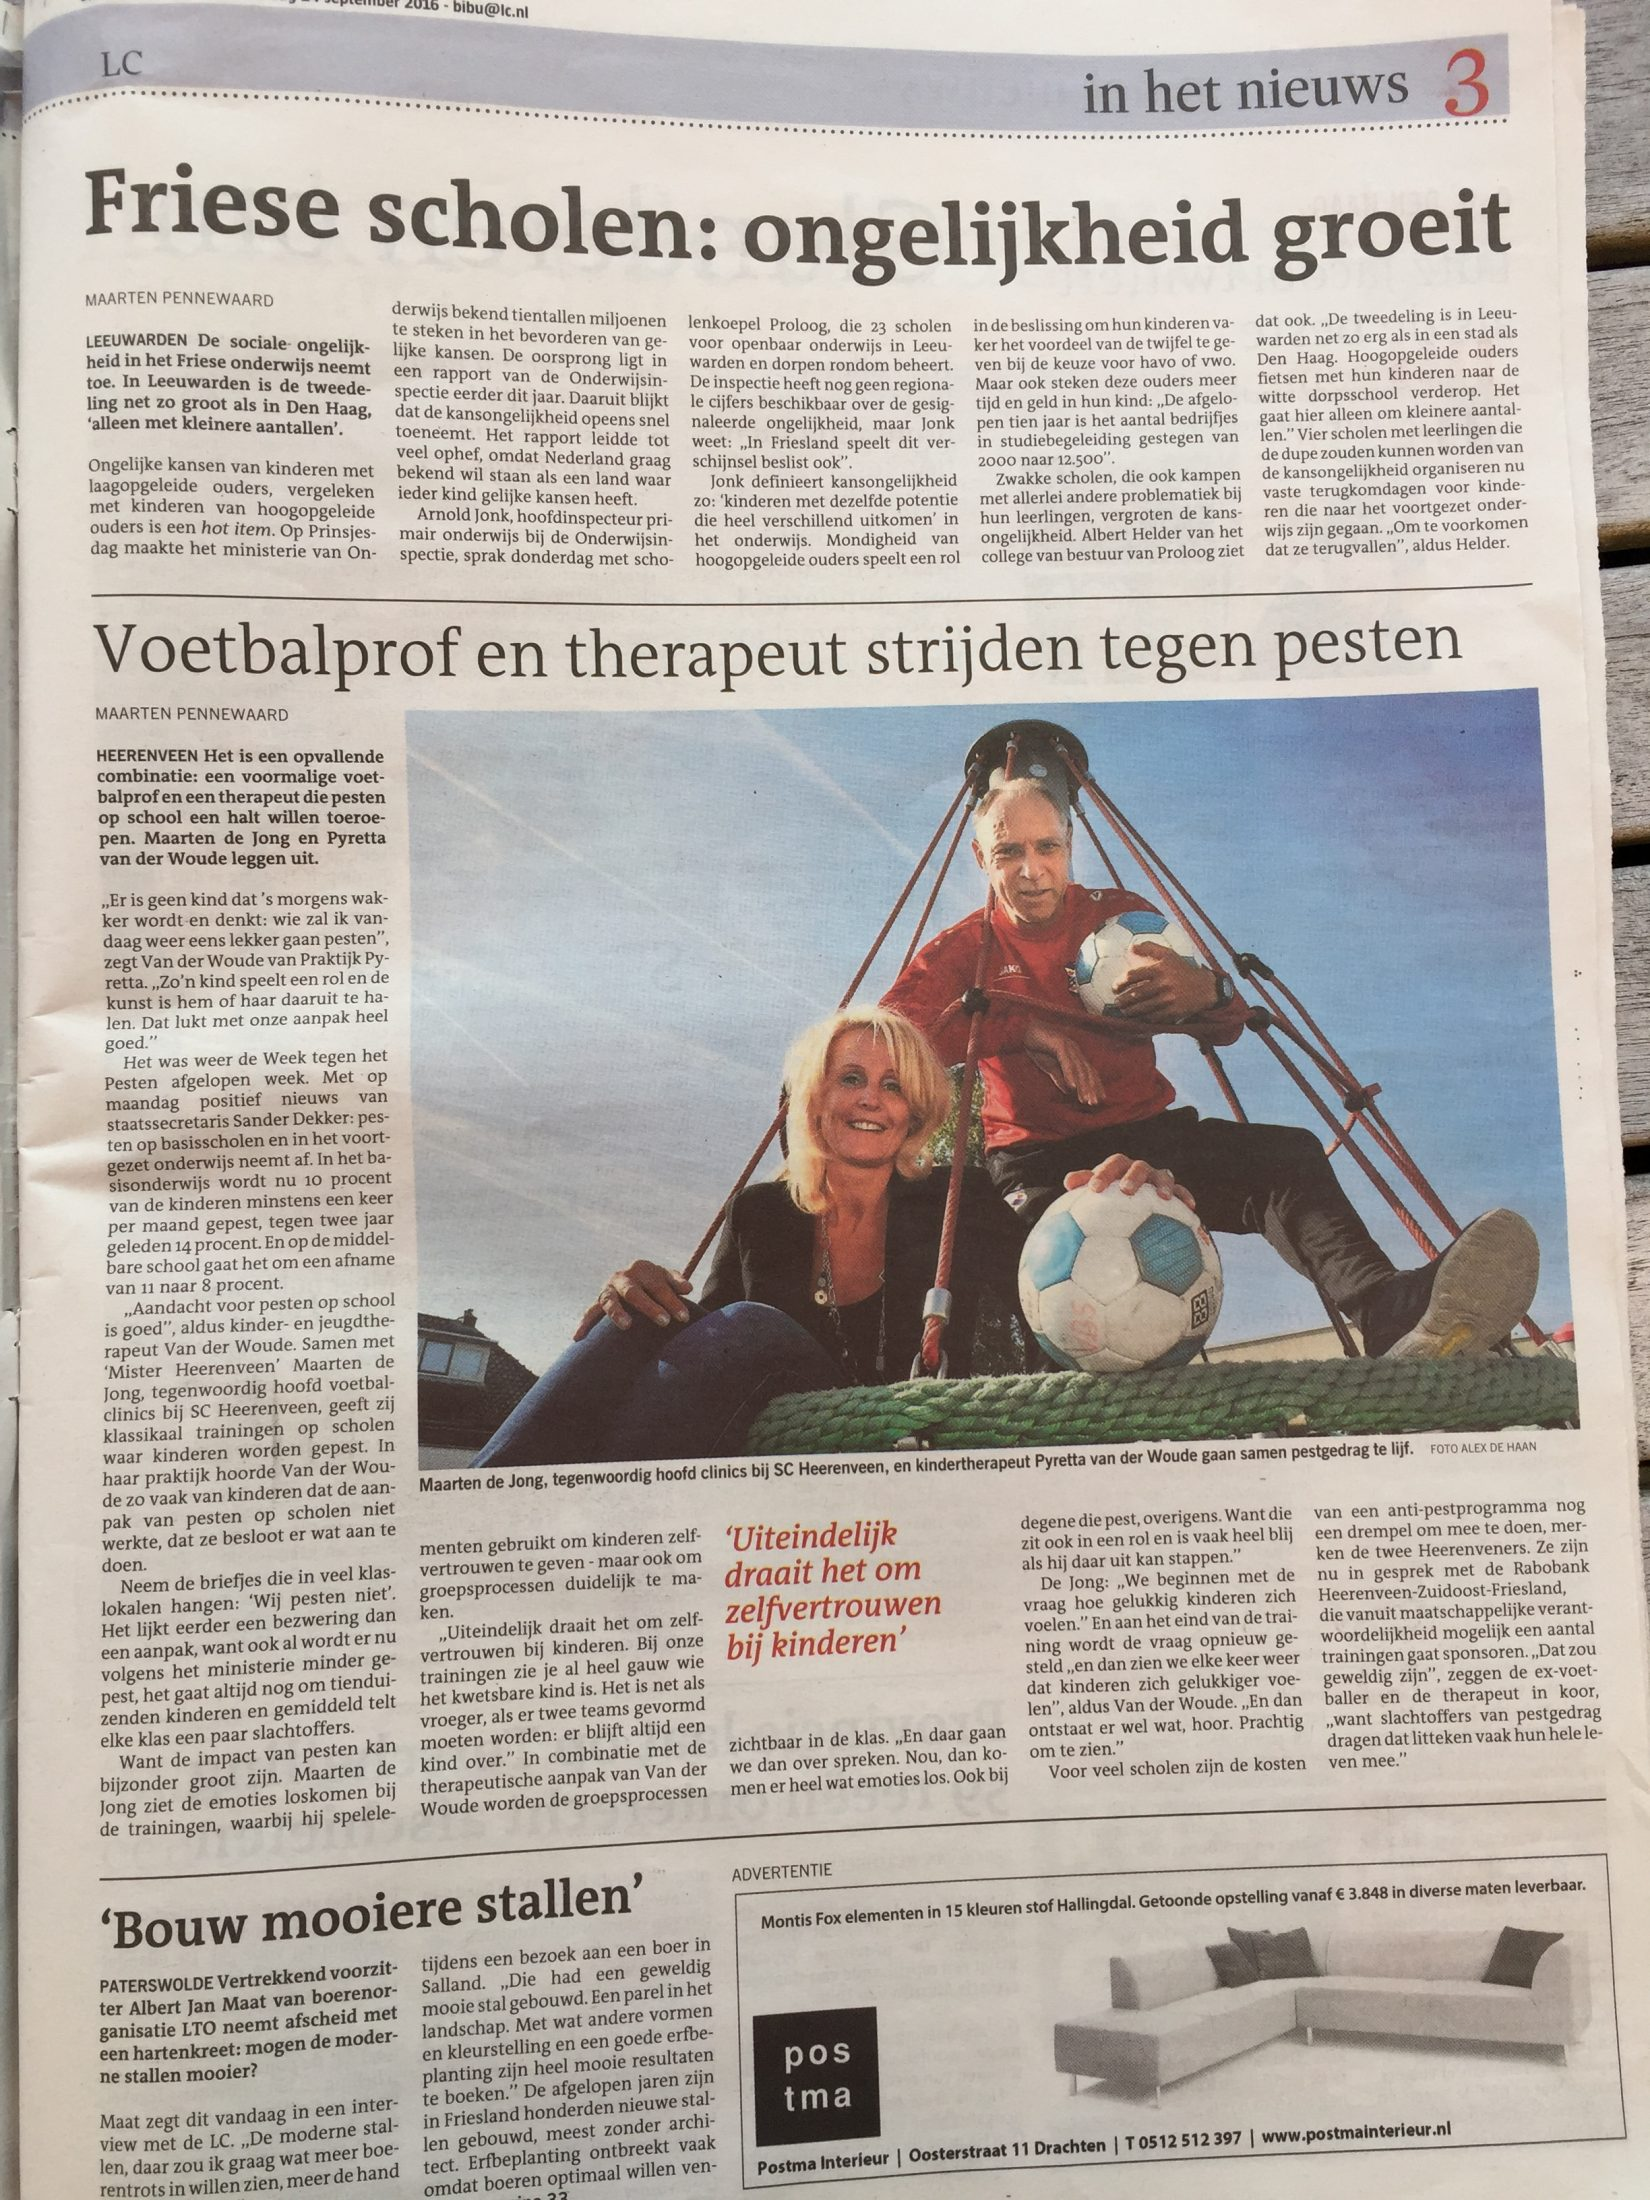 Leeuwarder Courant september 2016 IMG_8829